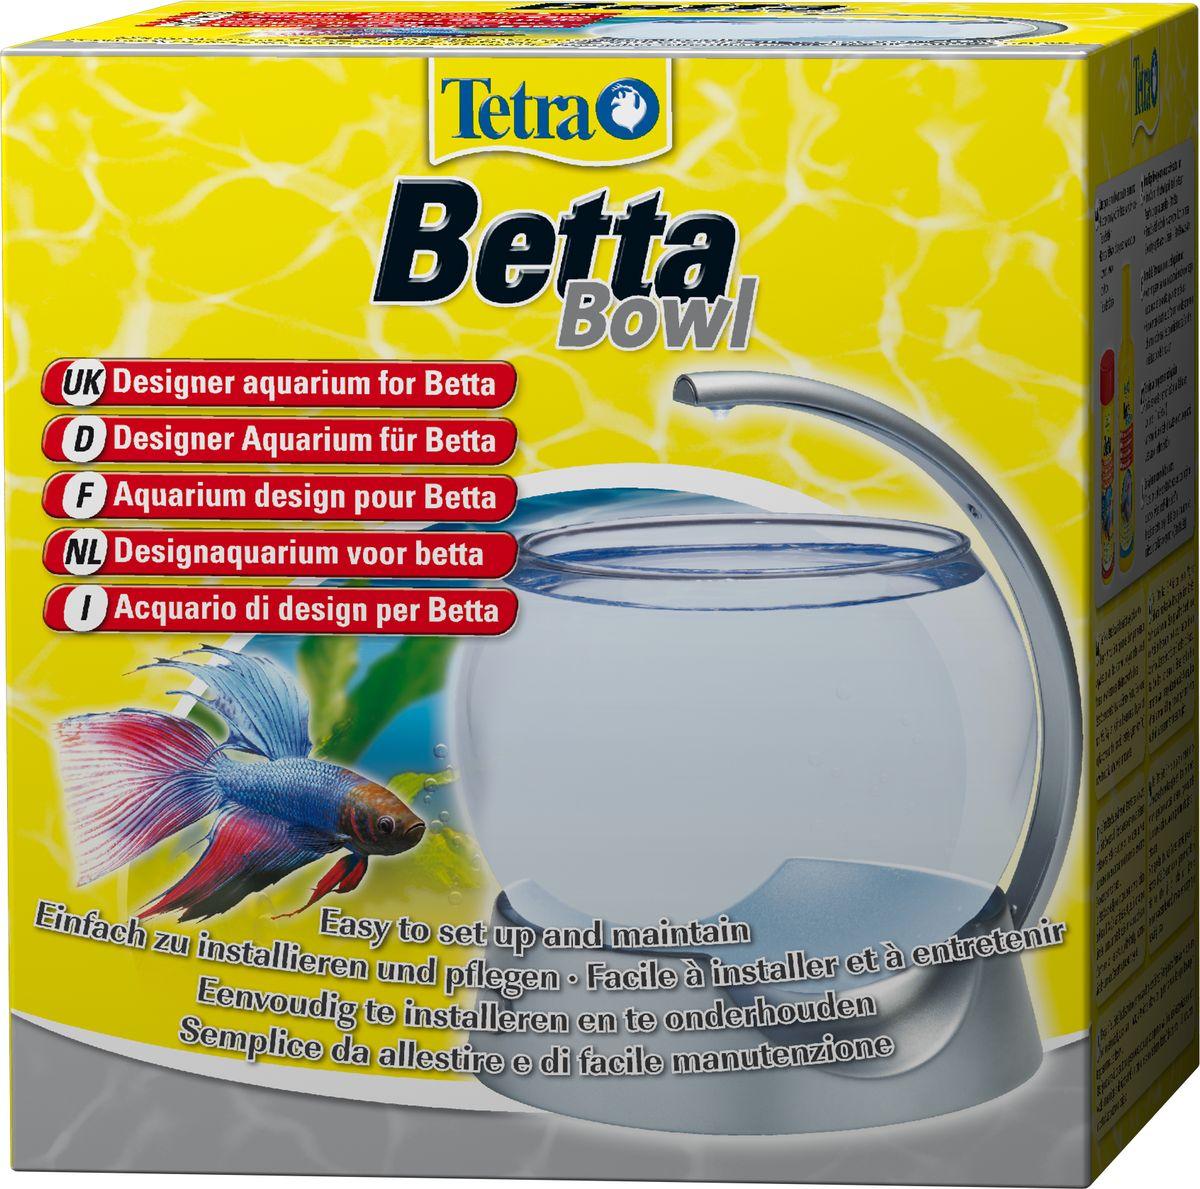 Аквариум-шар для петушков Tetra